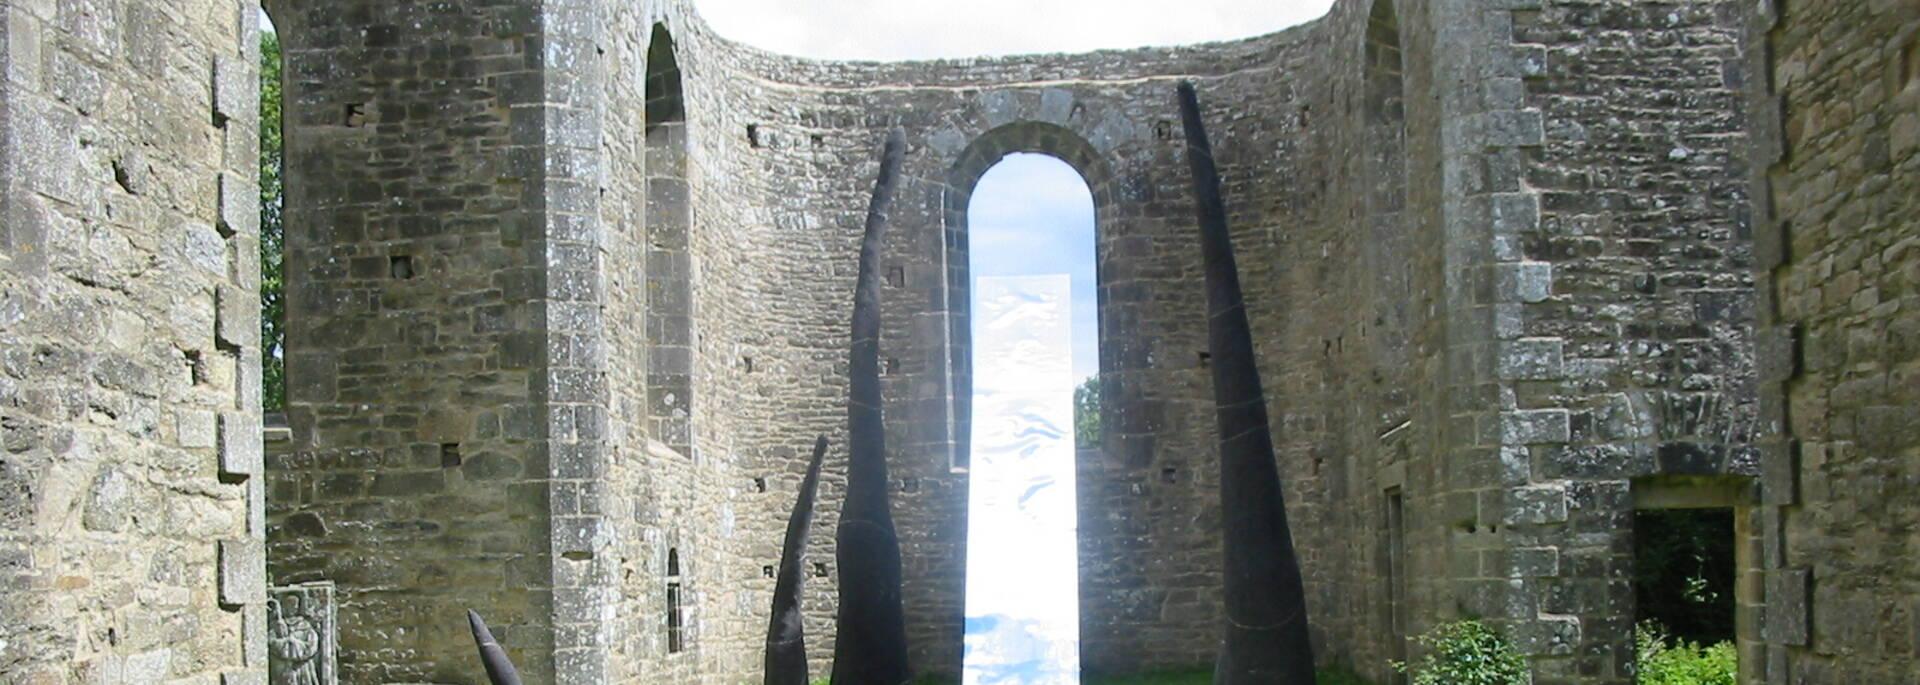 Art contemporain @Abbaye de Coat Mallouen